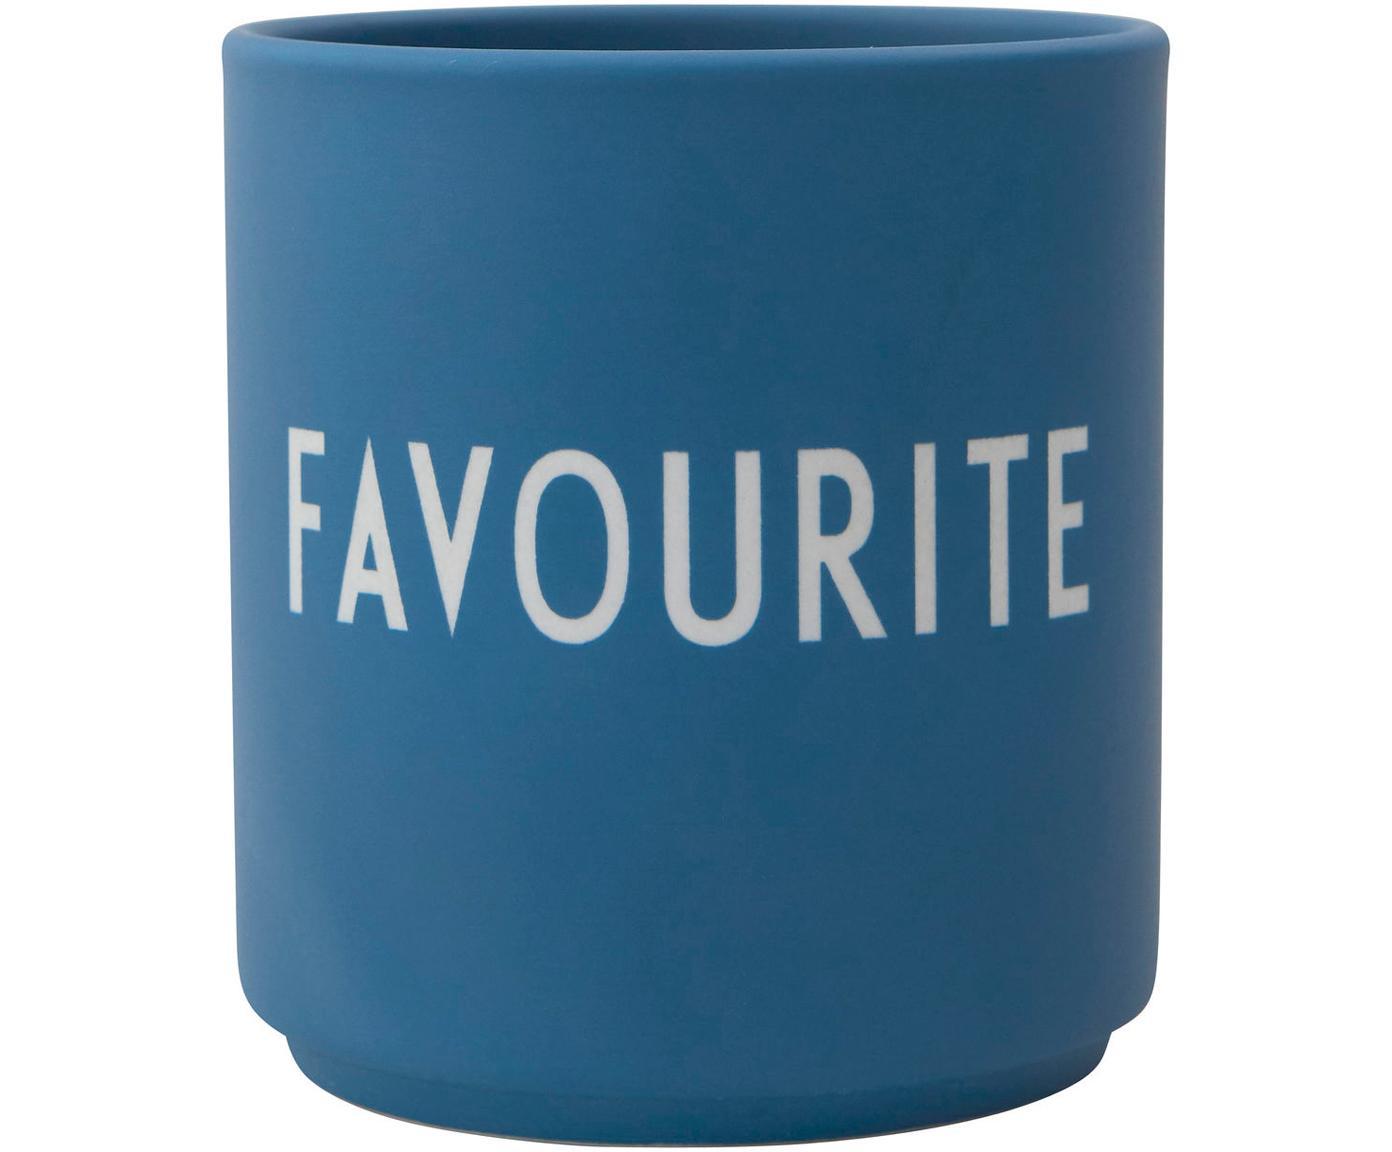 Becher Favourite, Fine Bone China, glasiert, Blau, Weiss, Ø 8 x H 9 cm